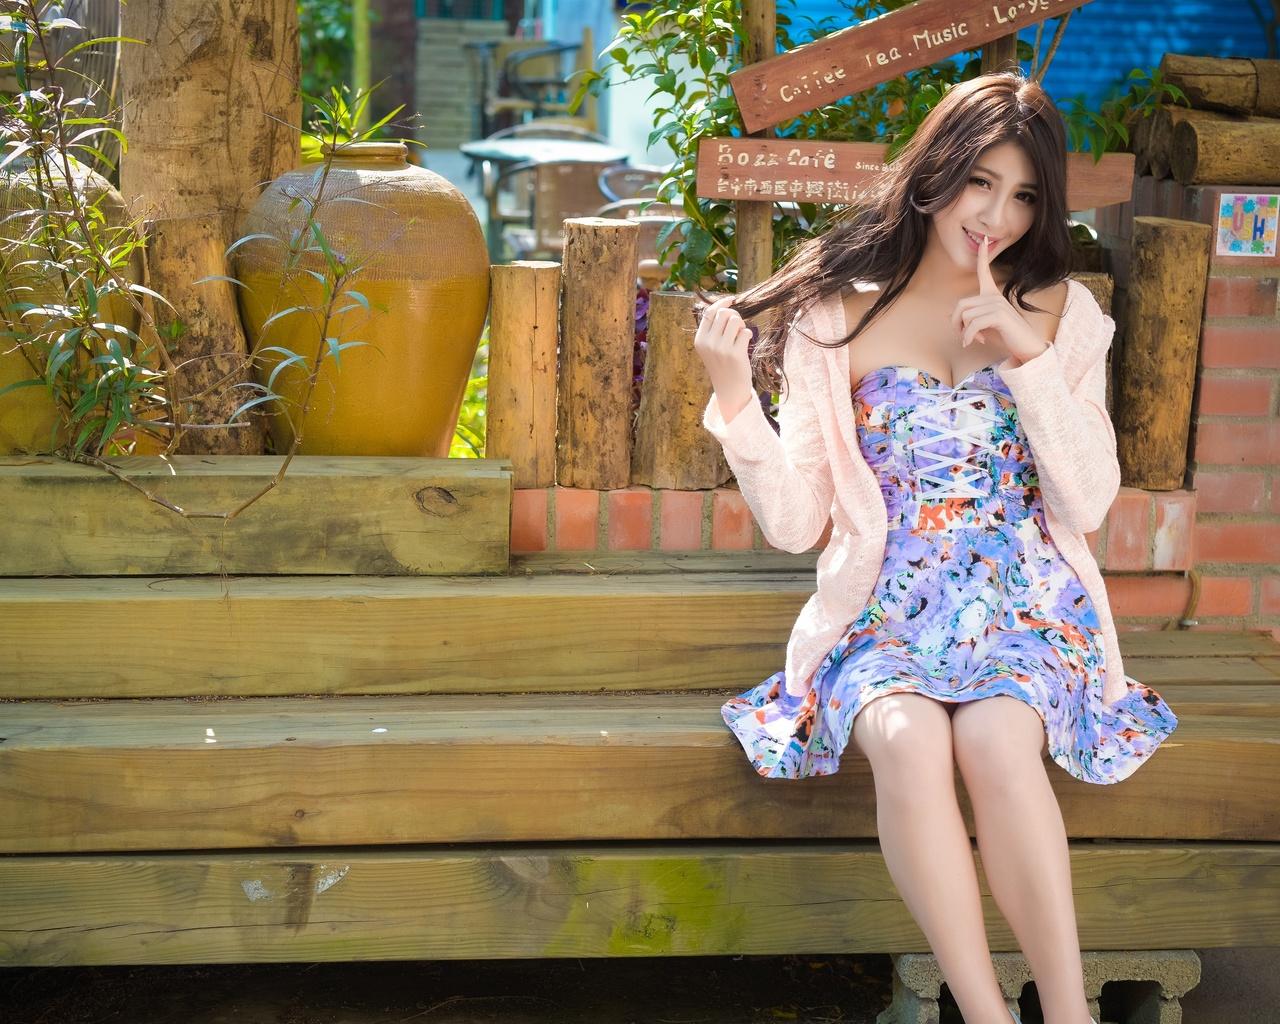 прекрасная тайваньская девушка, юбка, лето